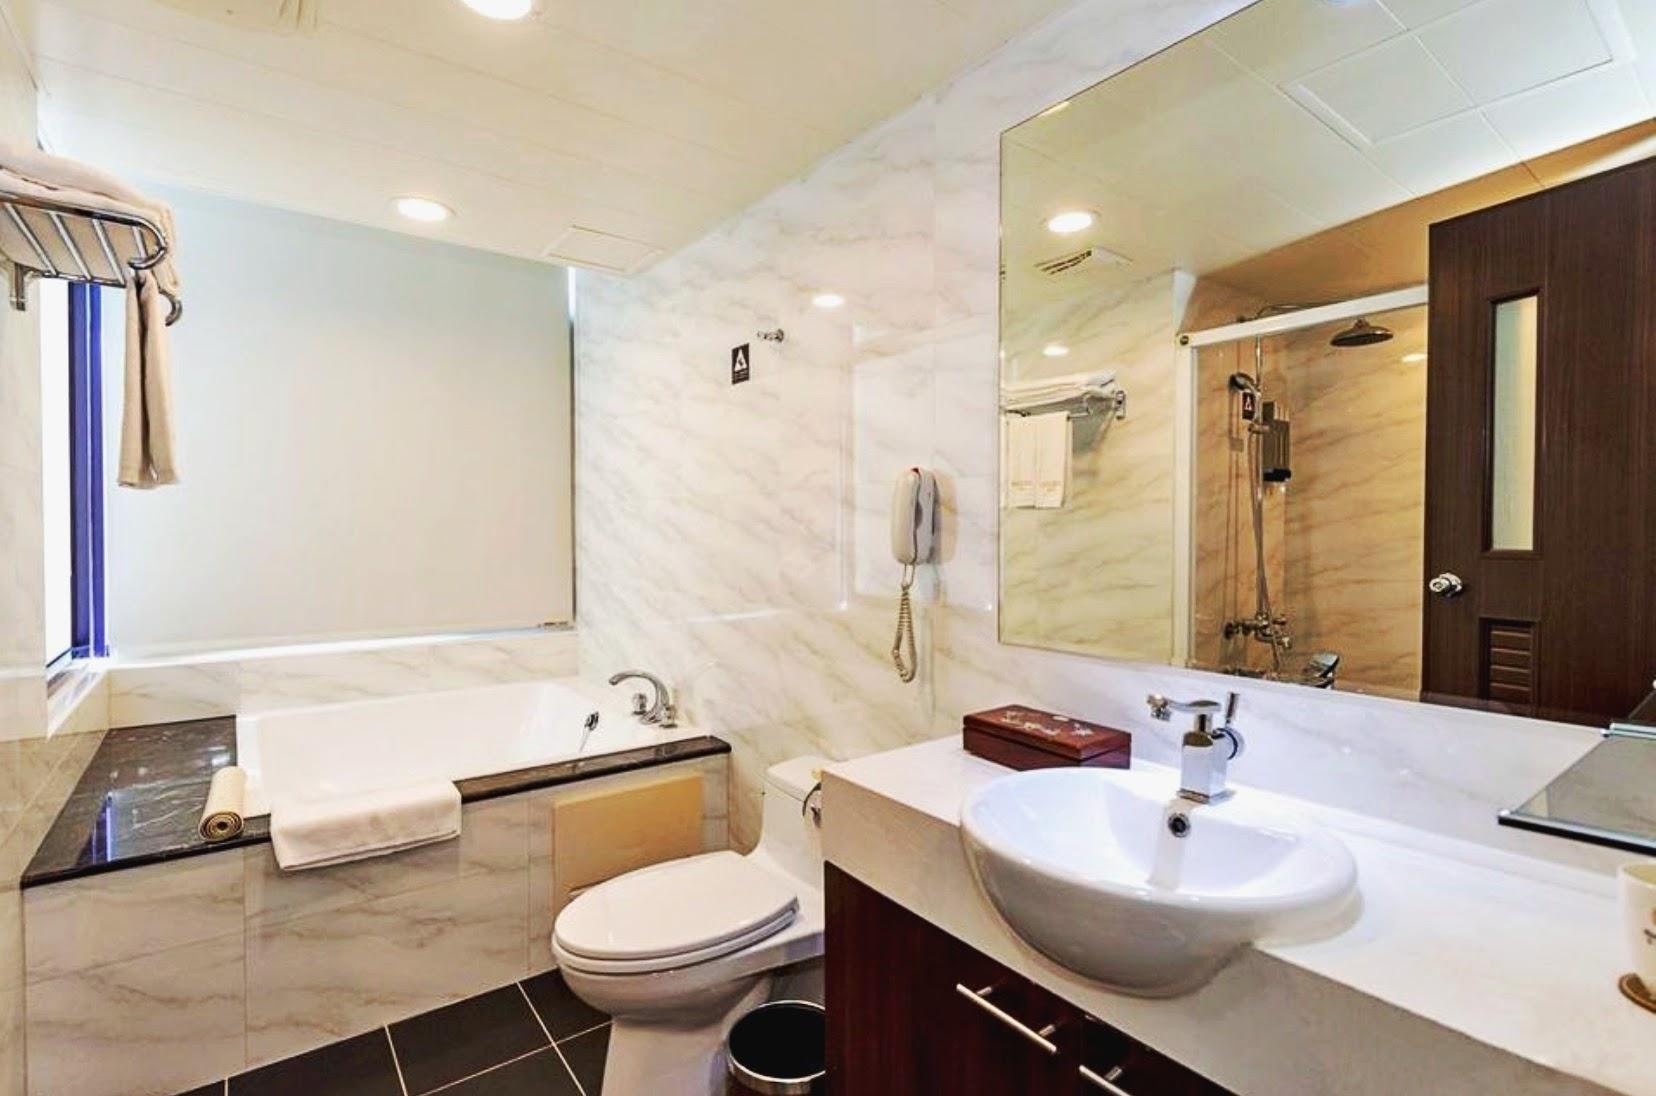 台中市防疫旅館推薦。透氣陽台|超大室內空間|高CP值防疫旅館